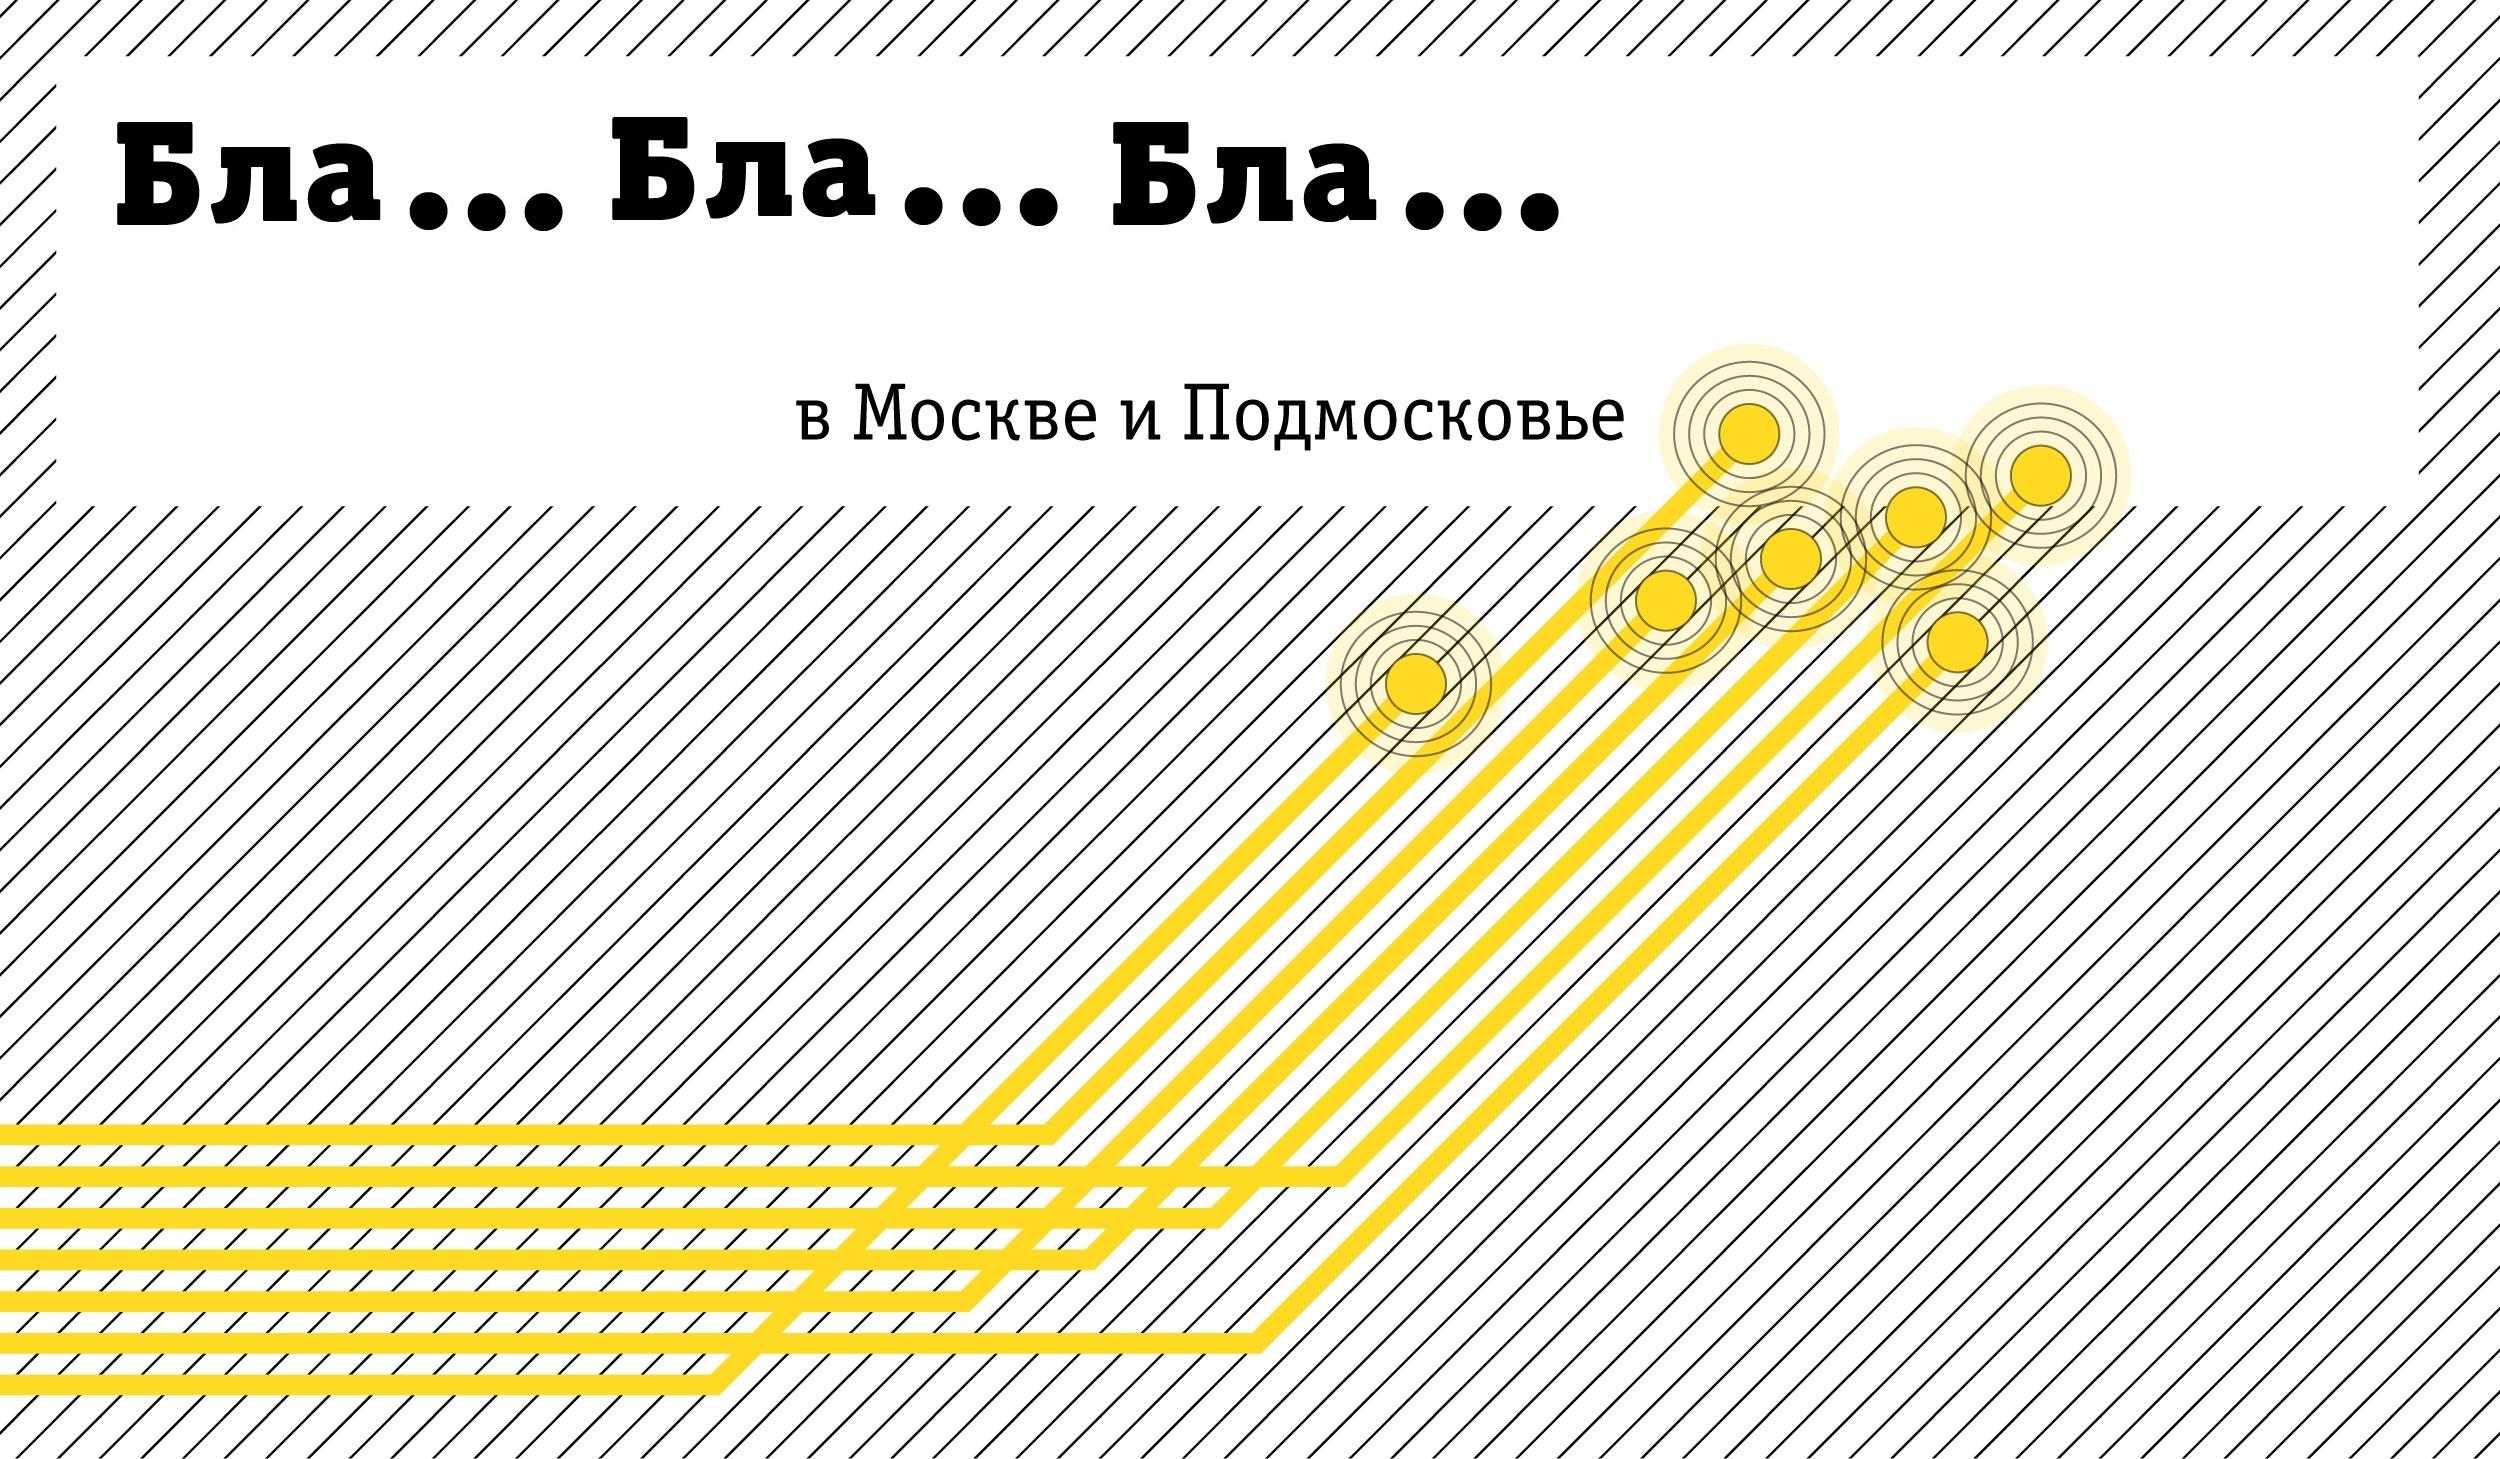 Бла... Бла... Бла... в Москве и Московской области 1